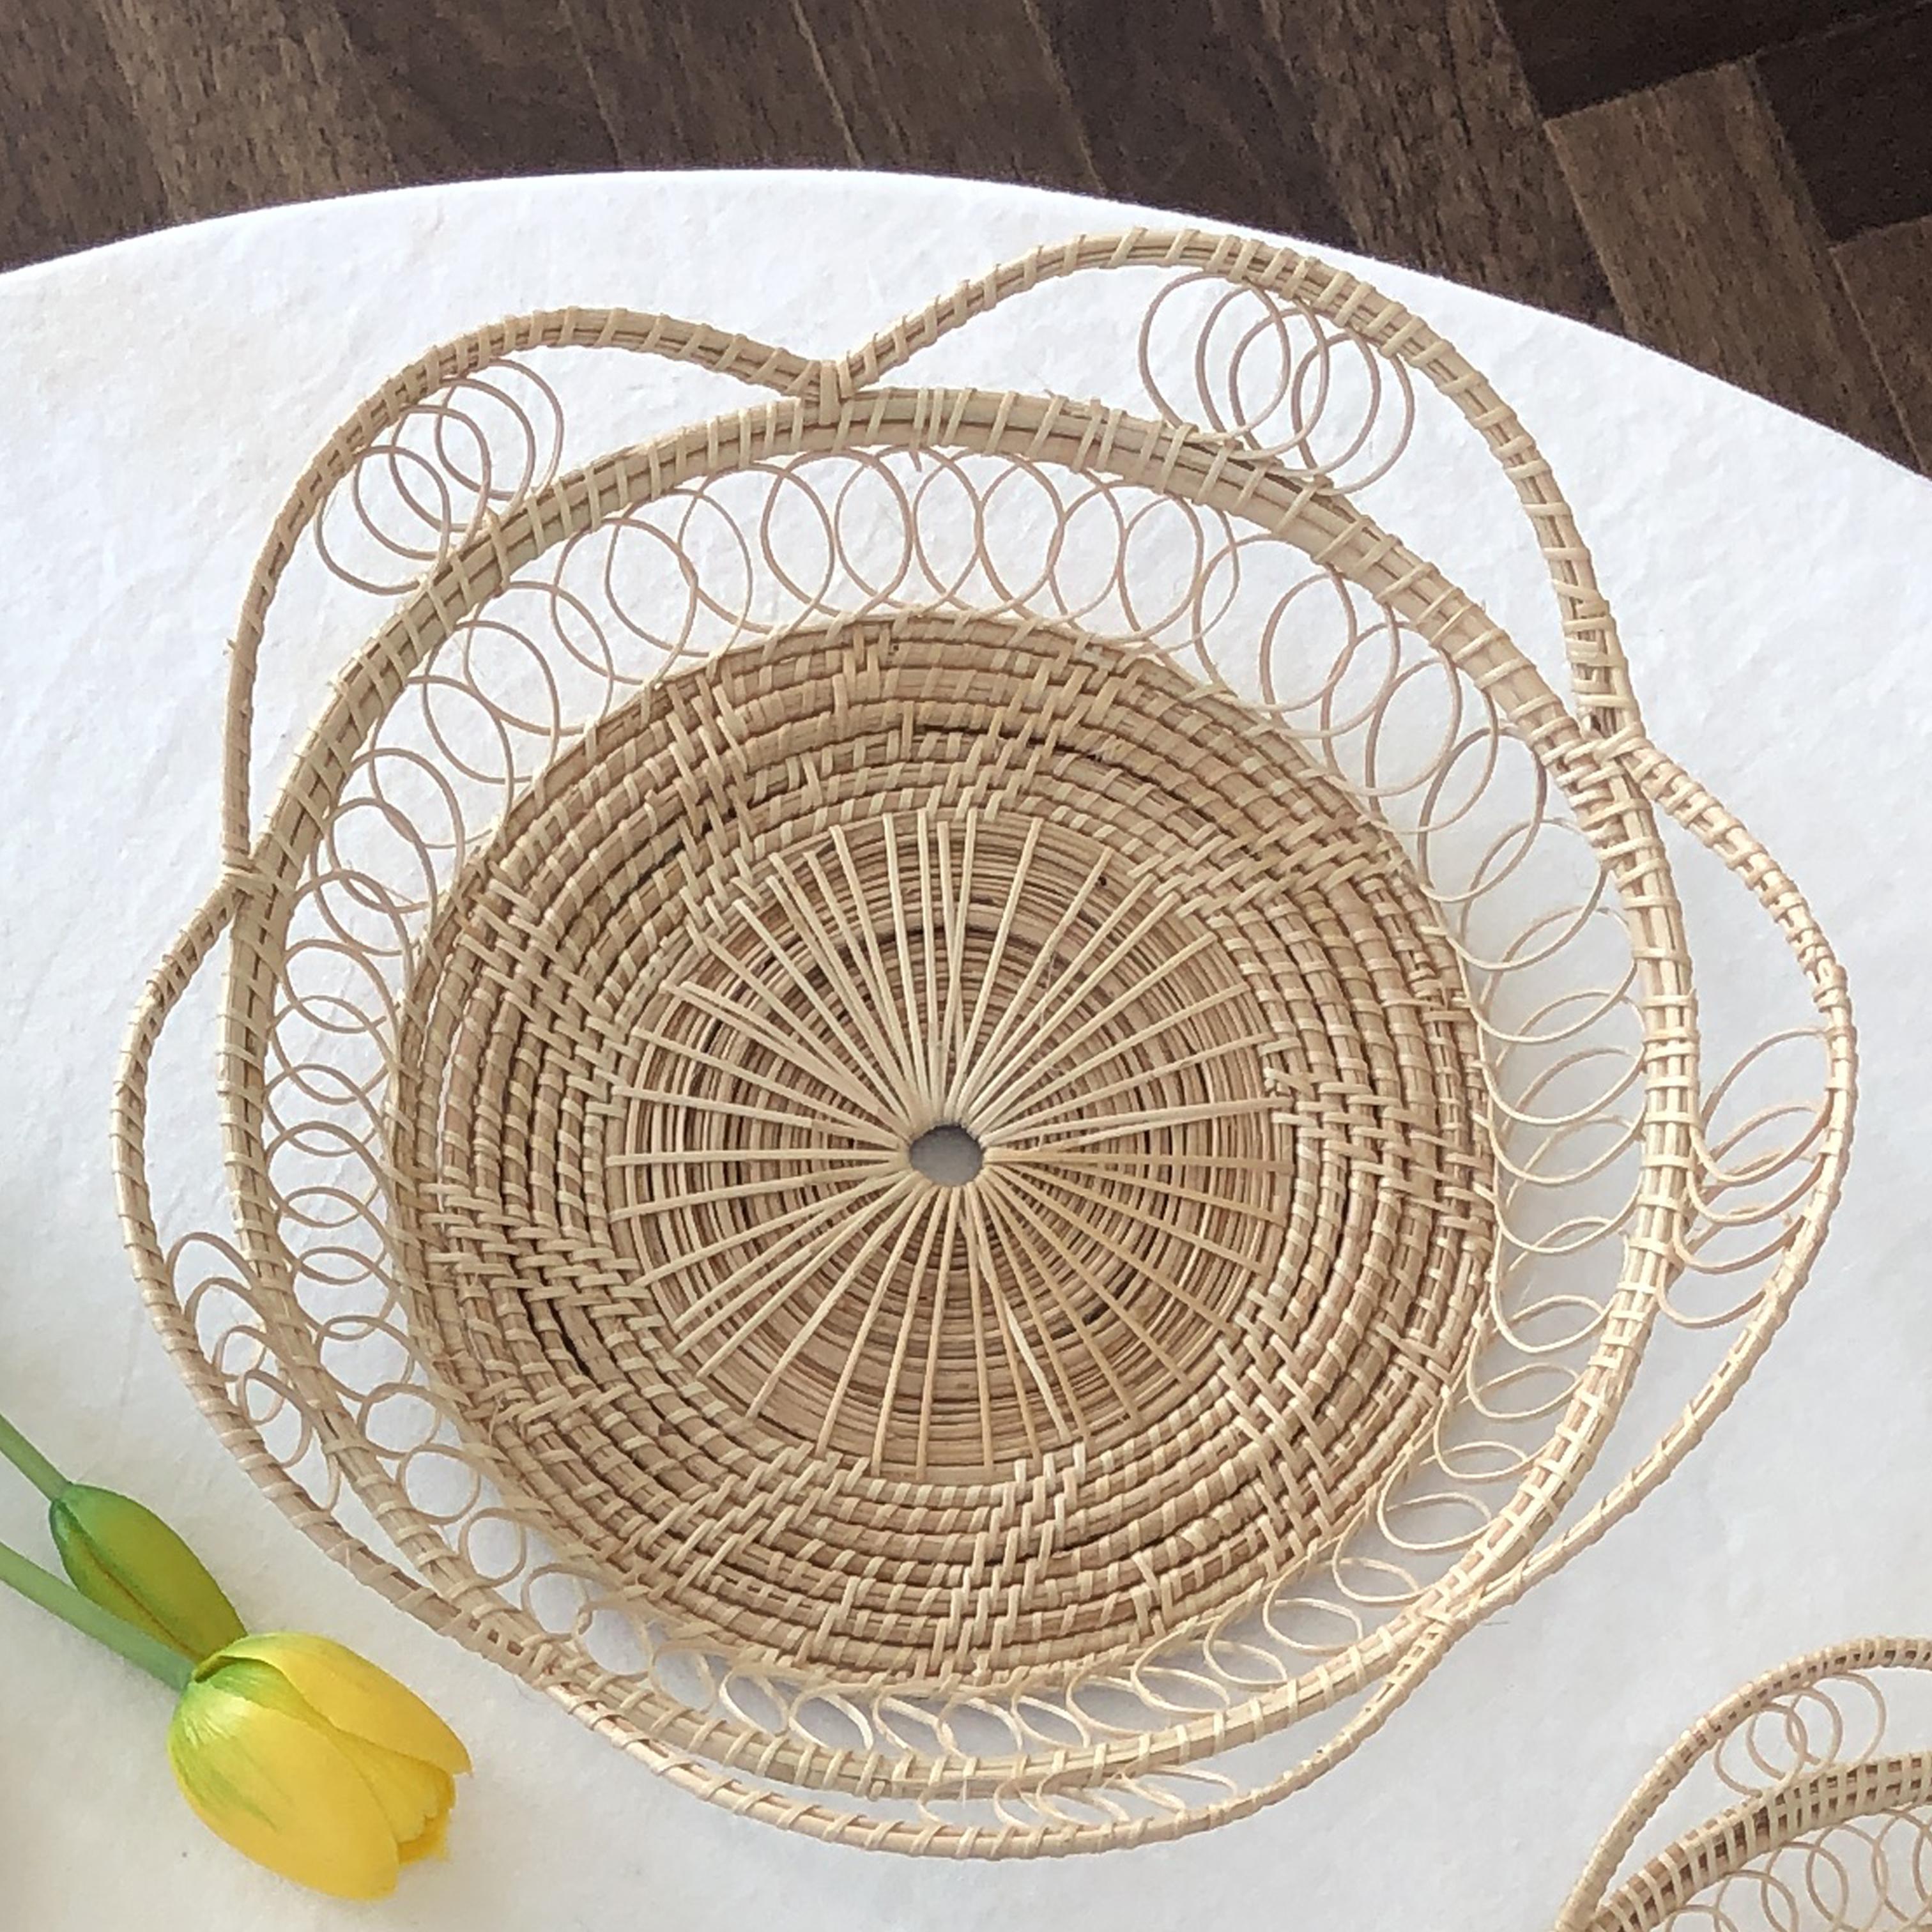 더반리빙 꽃모양 라탄 트레이 접시 바구니 별형, 단일색상, 1개